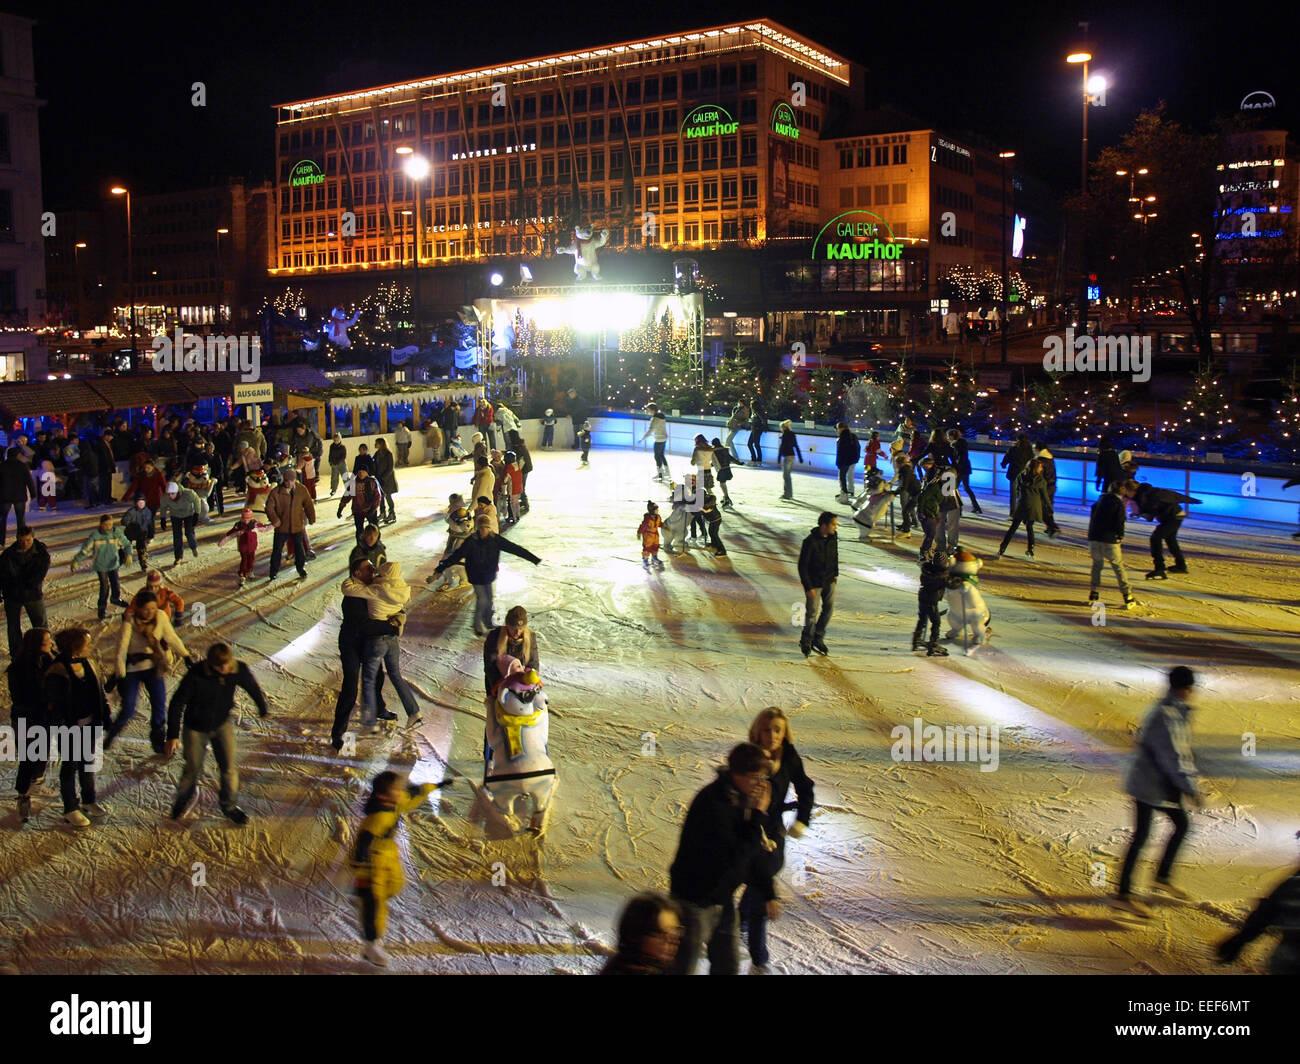 Deutschland, Muenchen, Karlsplatz, Stachus, Eisflaeche, Eislaufen, Schlittschuhlaufen, aussen, Bayern, Winter, Innenstadt, - Stock Image